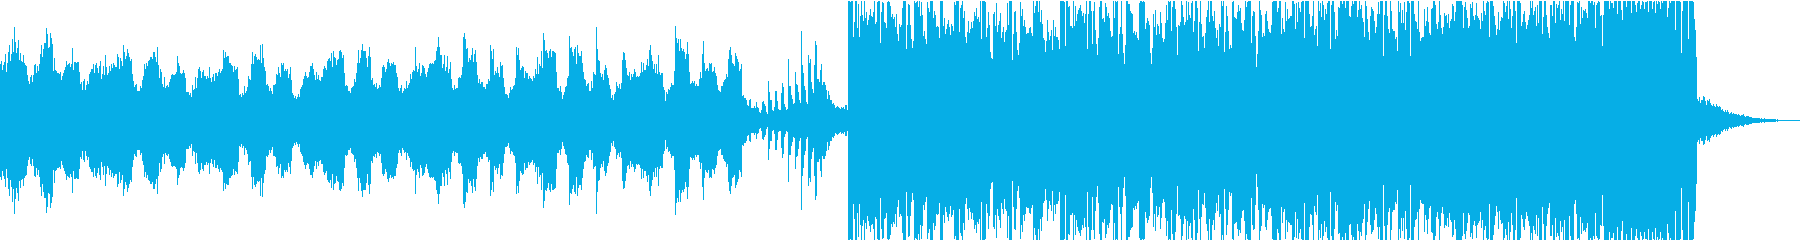 期待感の高まるライブ入場SEやCM30秒の再生済みの波形